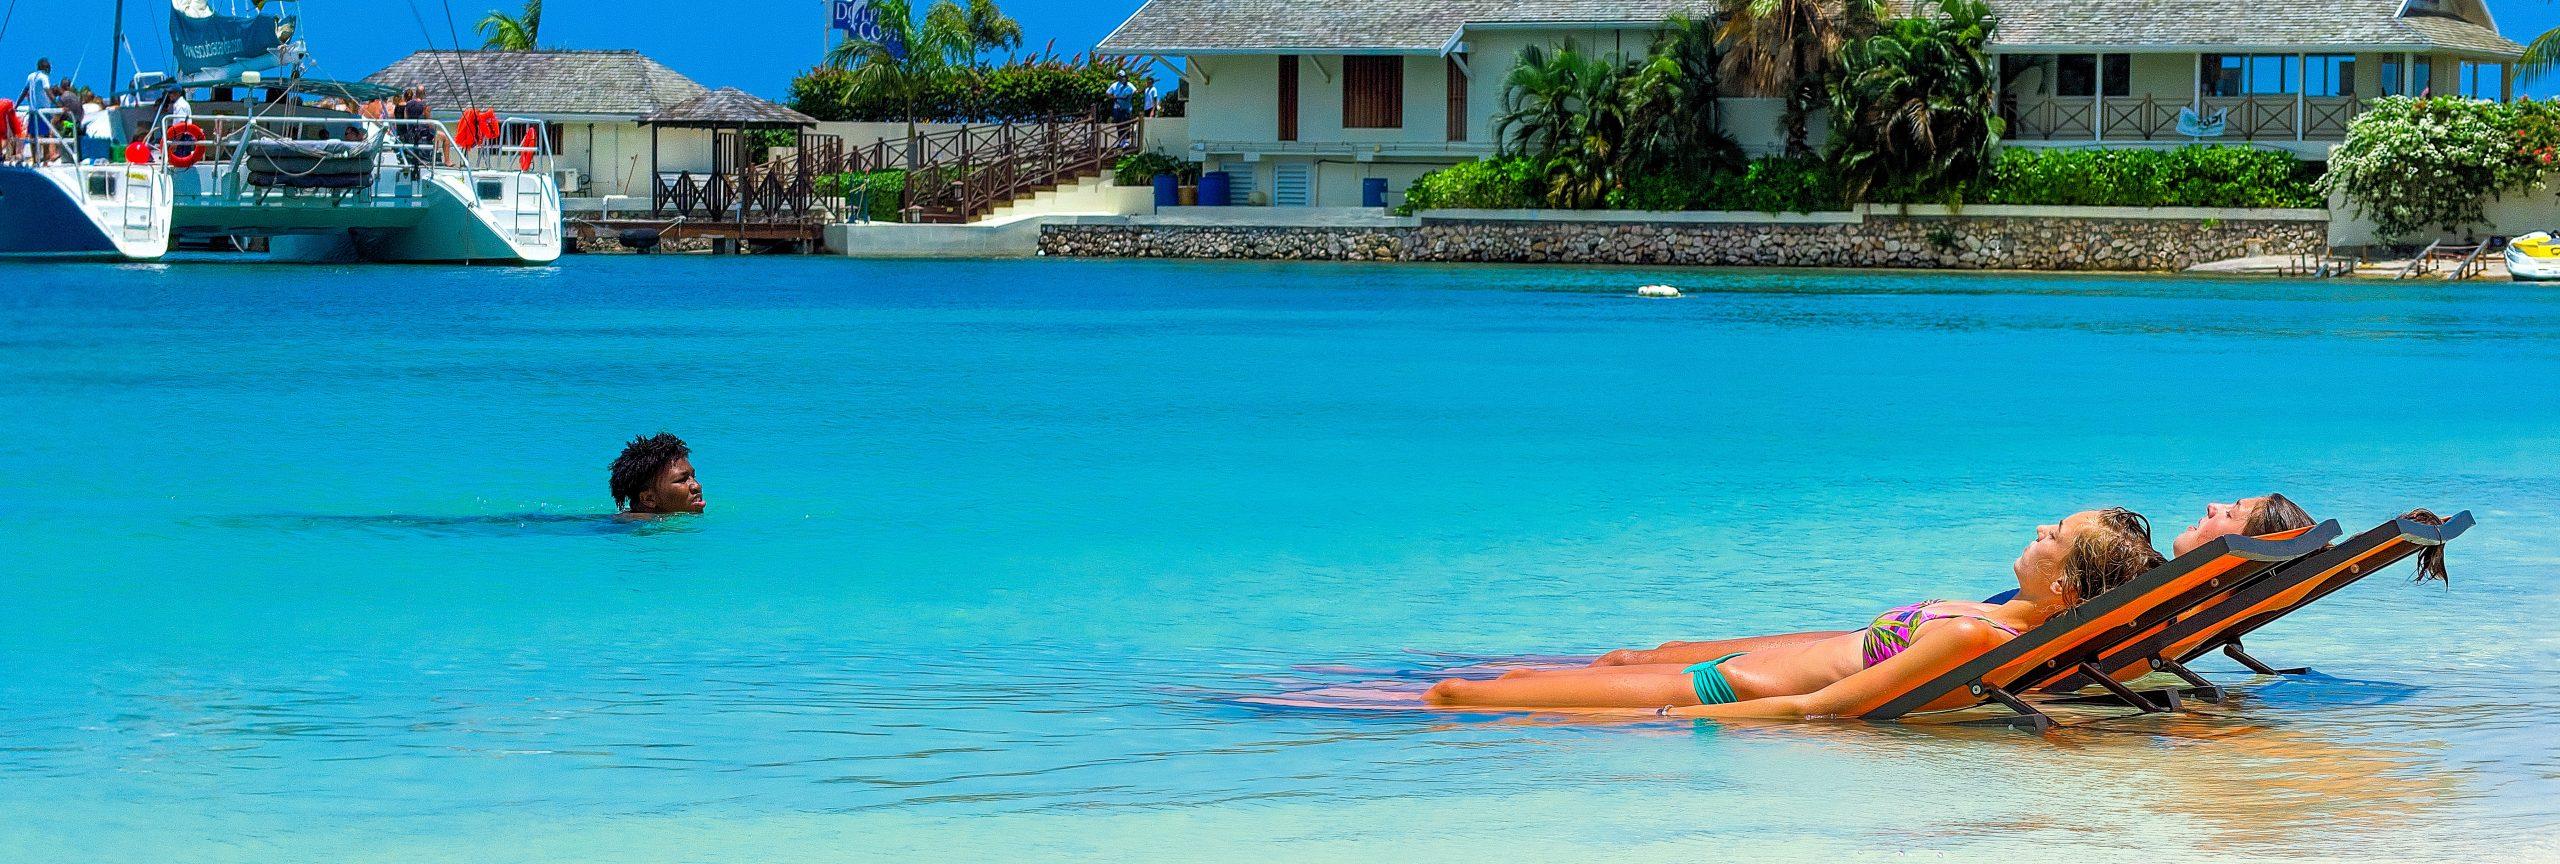 Jamaica kustlijn strand - De Planeet Reizen